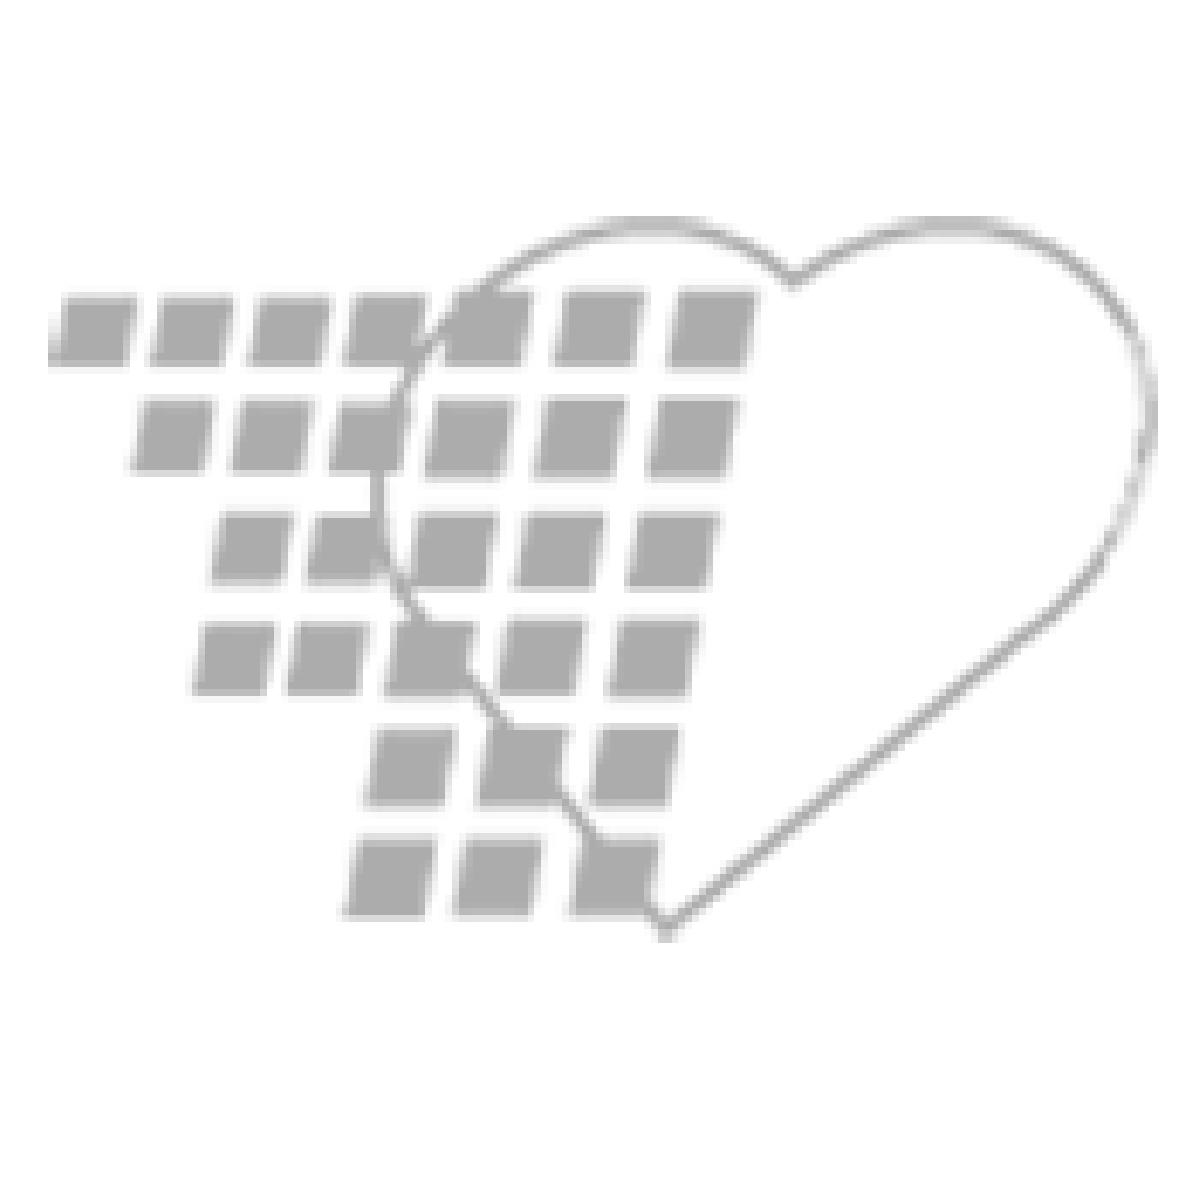 05-01-8585 Rubber Elastic Bandage - 3 x 144